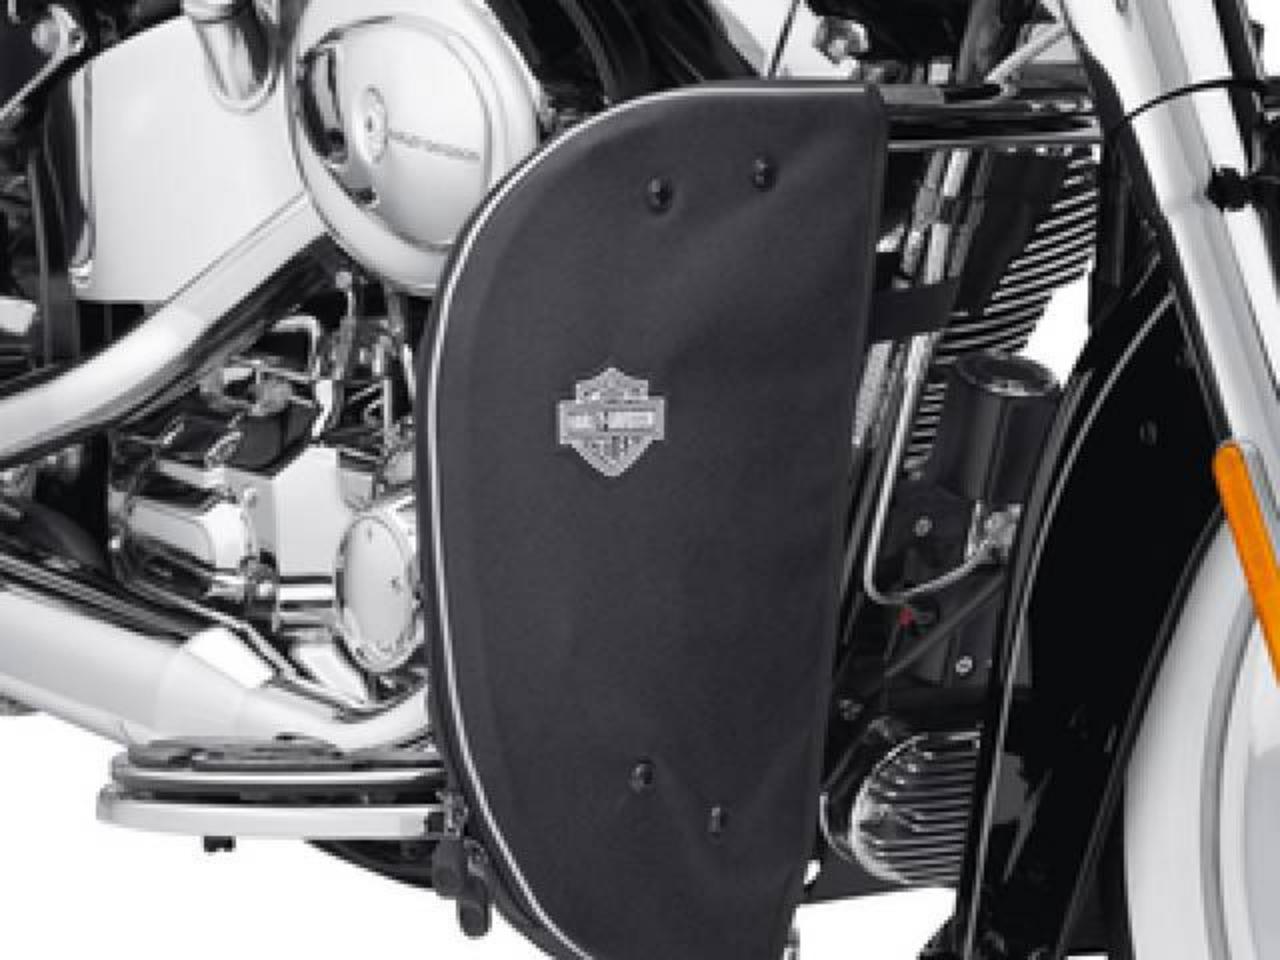 Harley-Davidson componenti & accessori